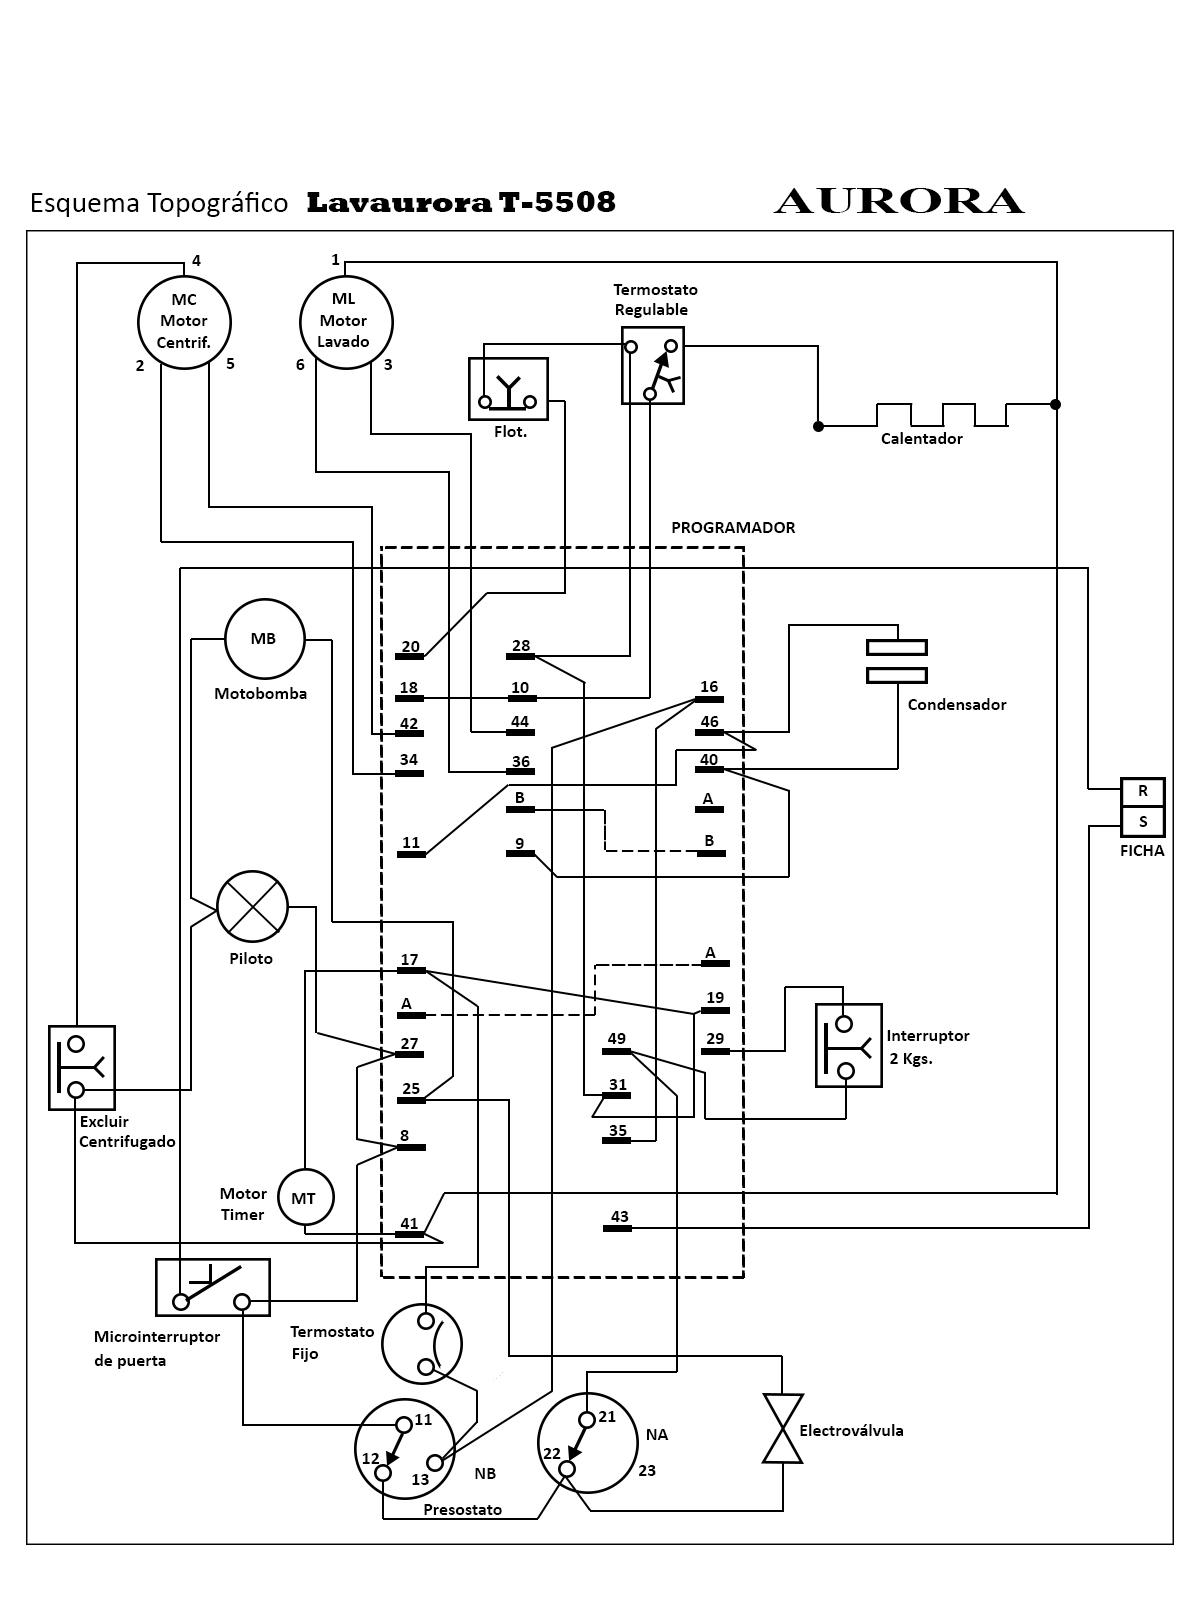 Marque Diagrama De Cableado De Lavadora